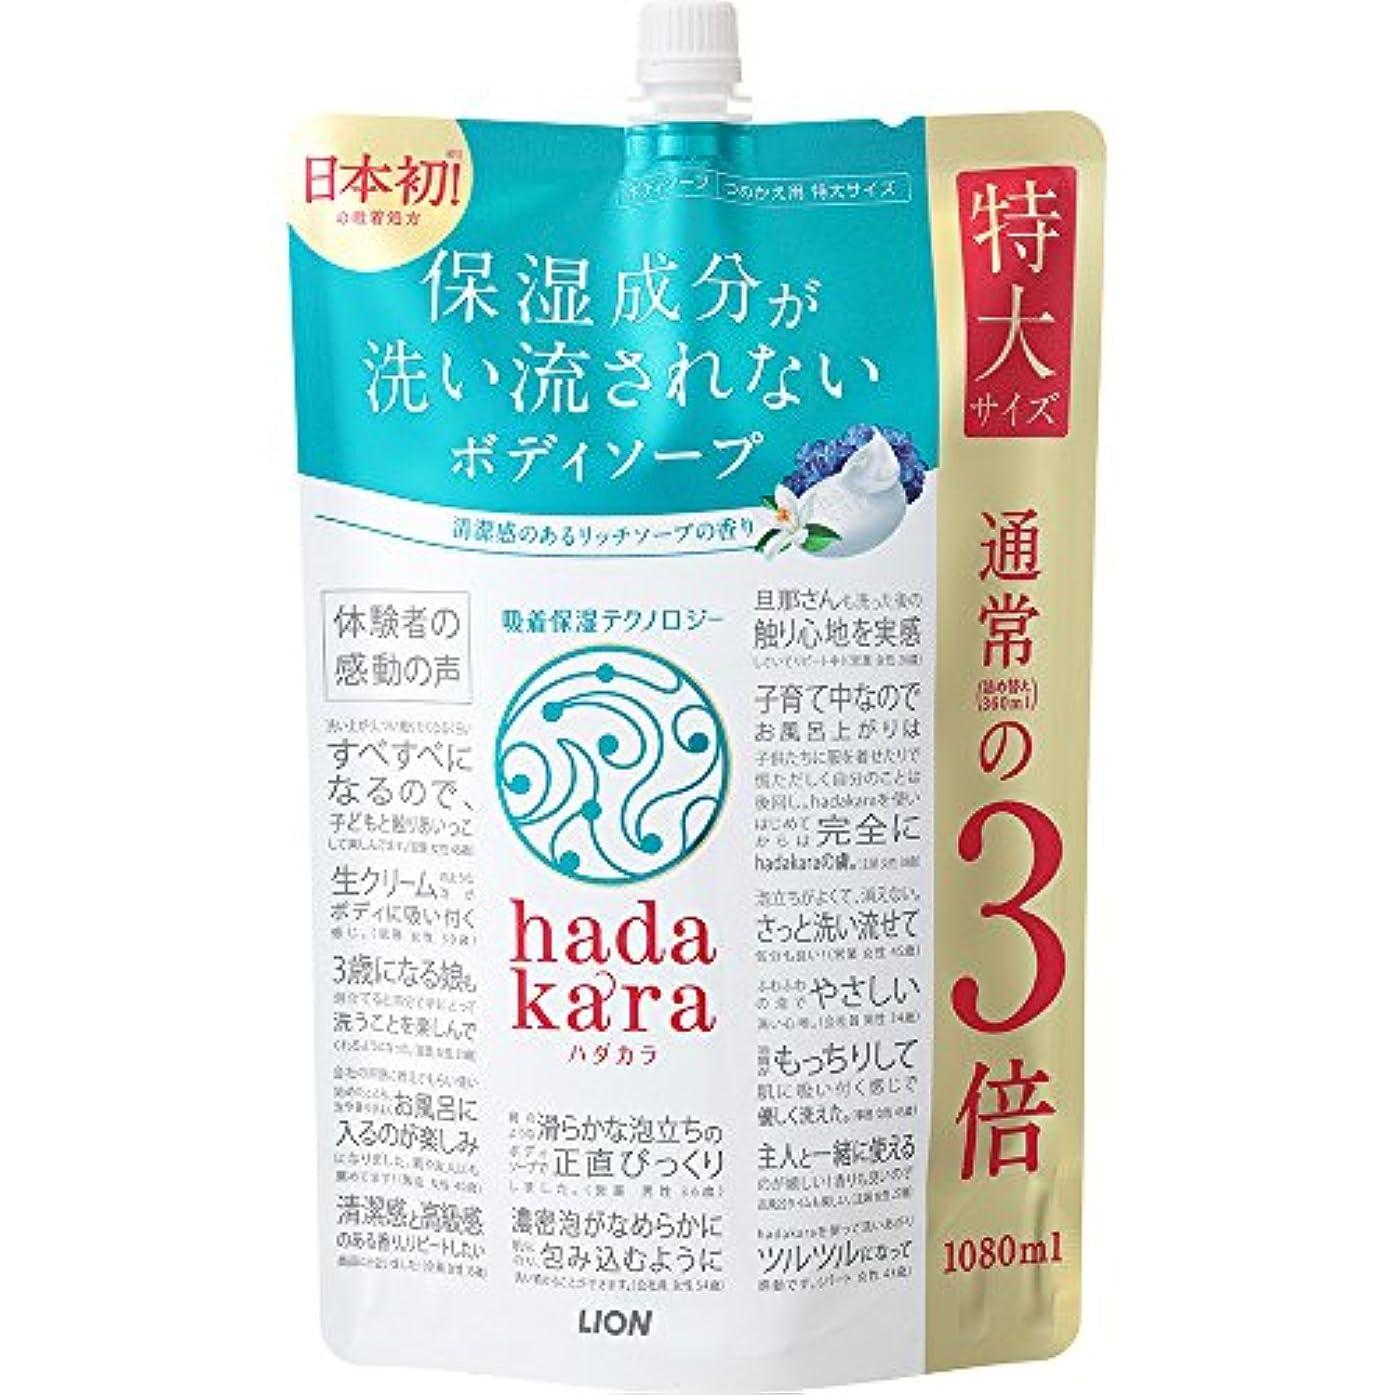 中央値改善リフト【大容量】hadakara(ハダカラ) ボディソープ リッチソープの香り 詰め替え 特大 1080ml